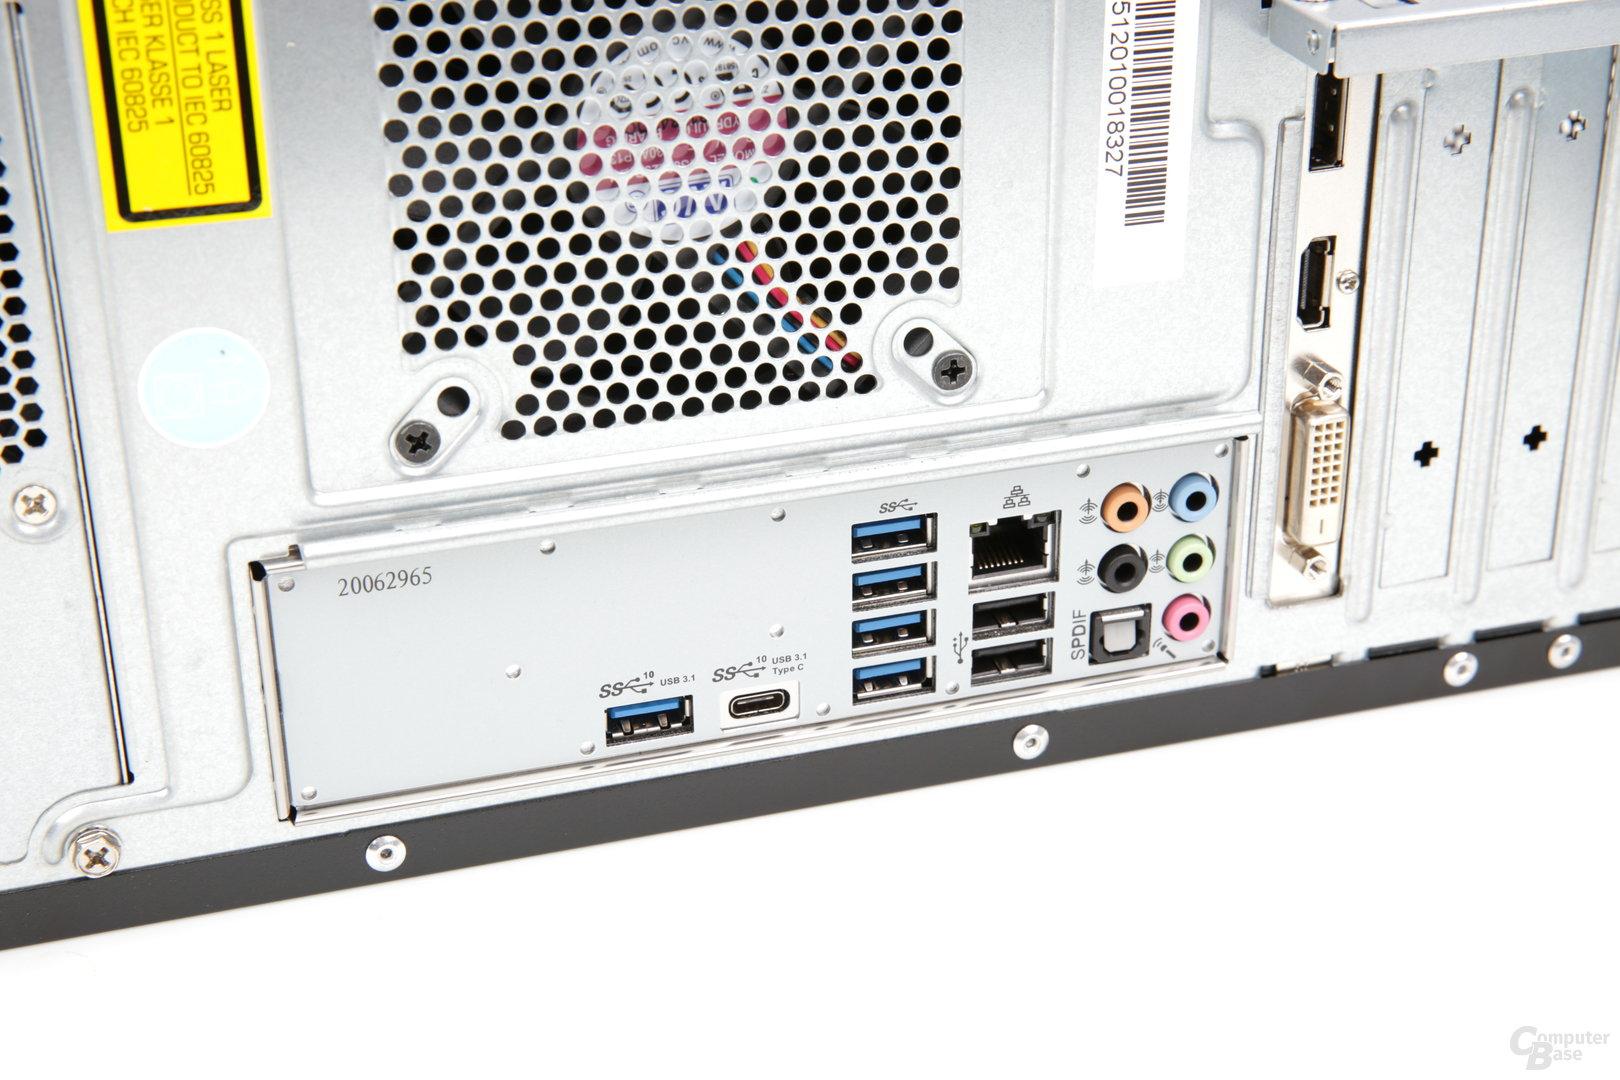 USB 3.1 Gen 2 findet sich gleich zweimal am I/O-Panel